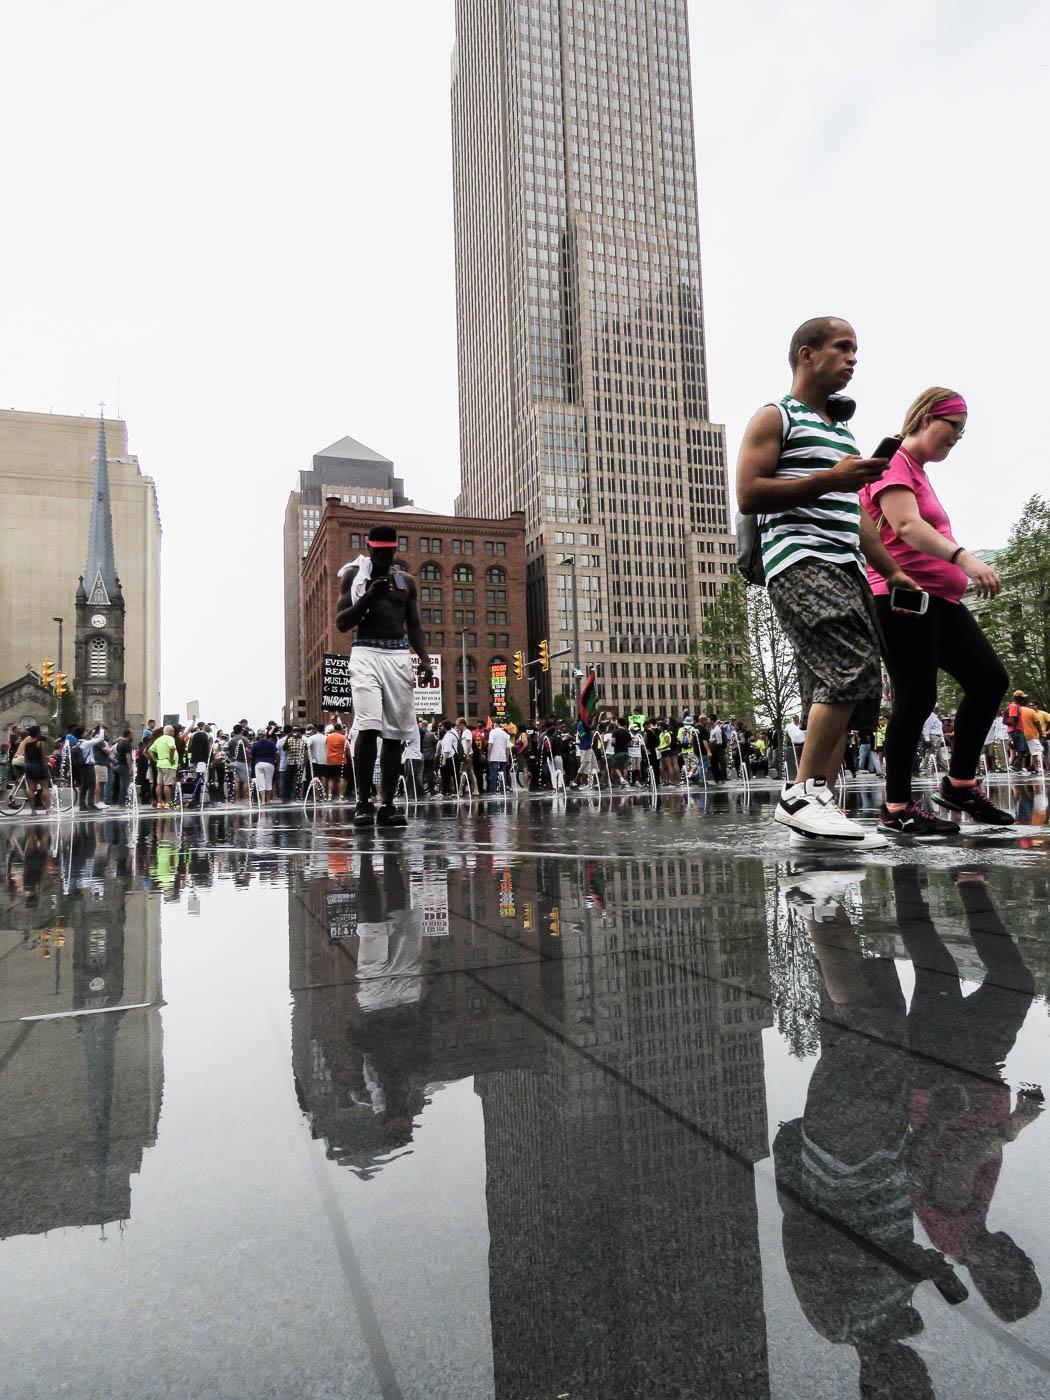 Demonstrationer pågår vid Public Square, Cleveland, under konventet. Foto: Erik Bergin